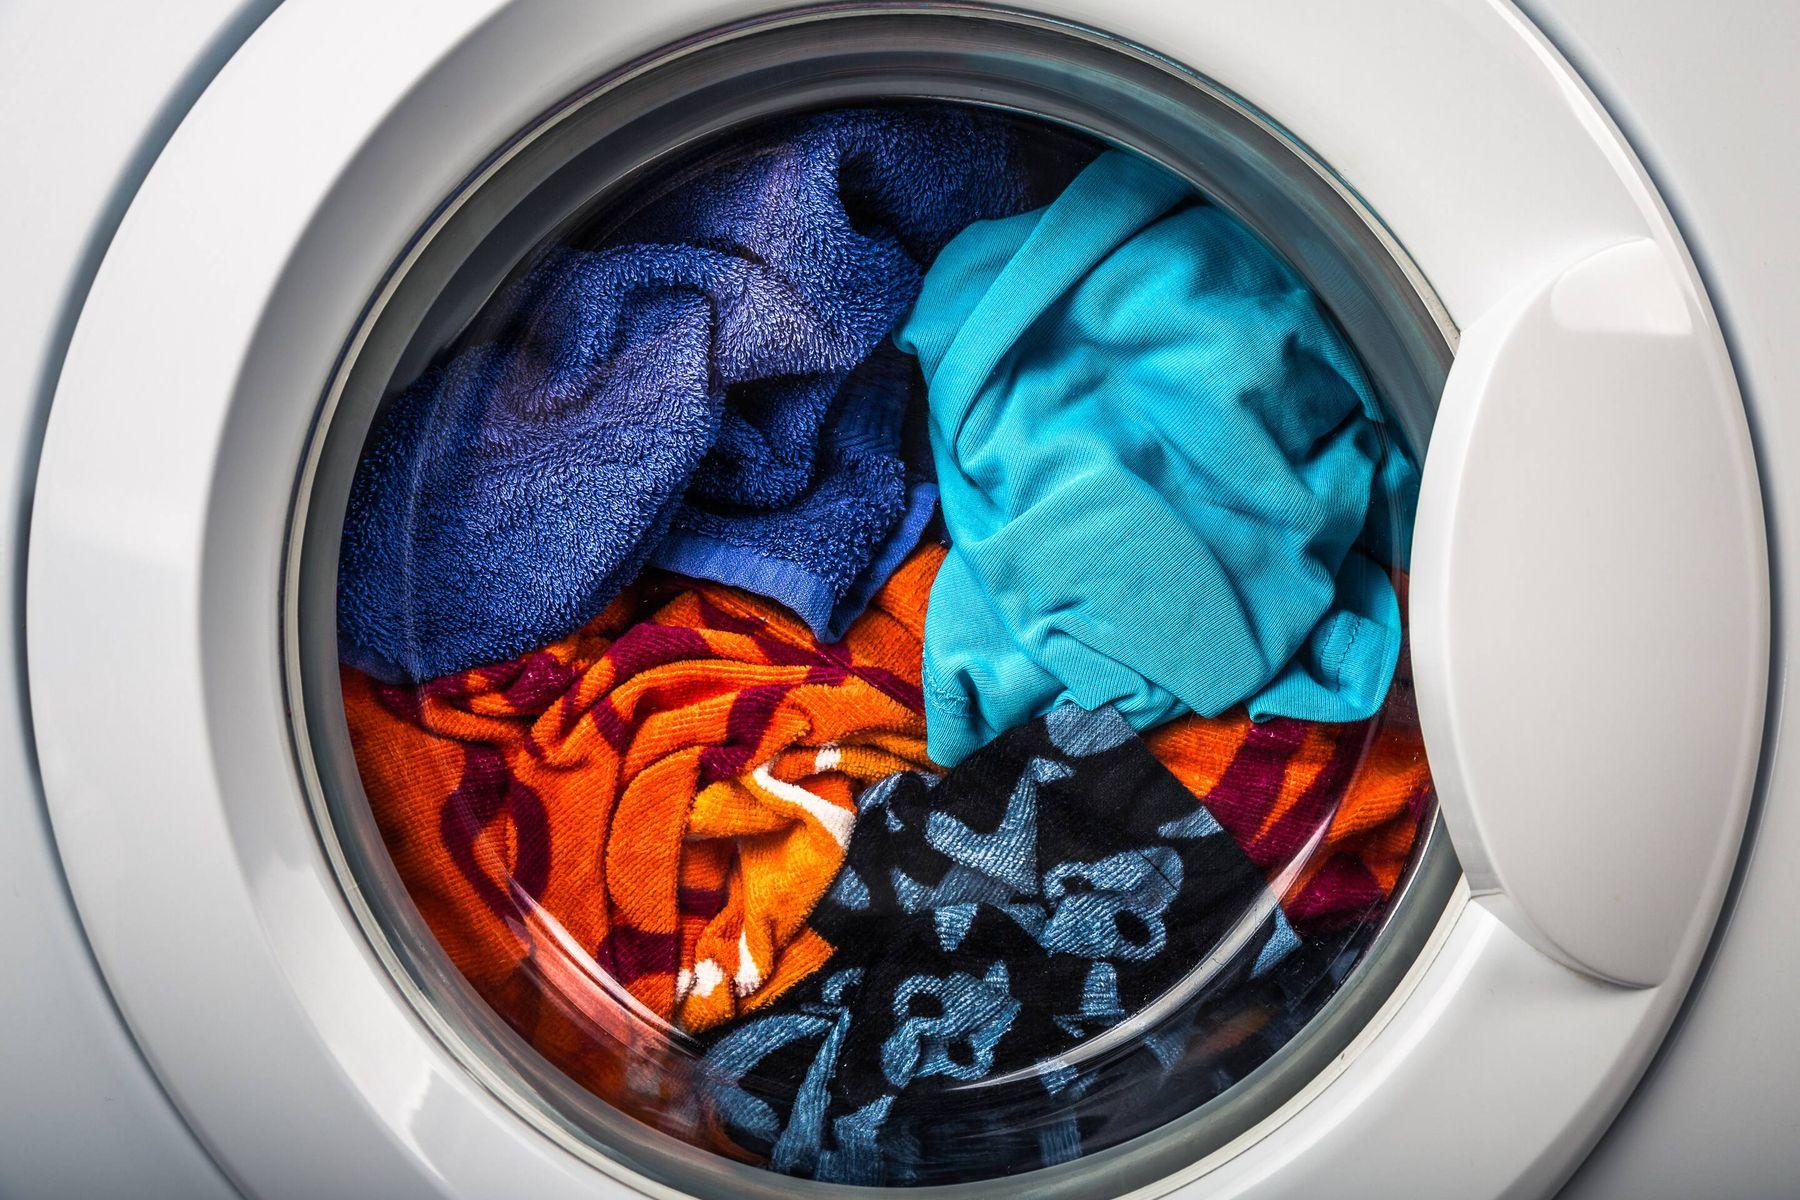 Waschmaschine mit dem Korb voller Schmutzwäsche